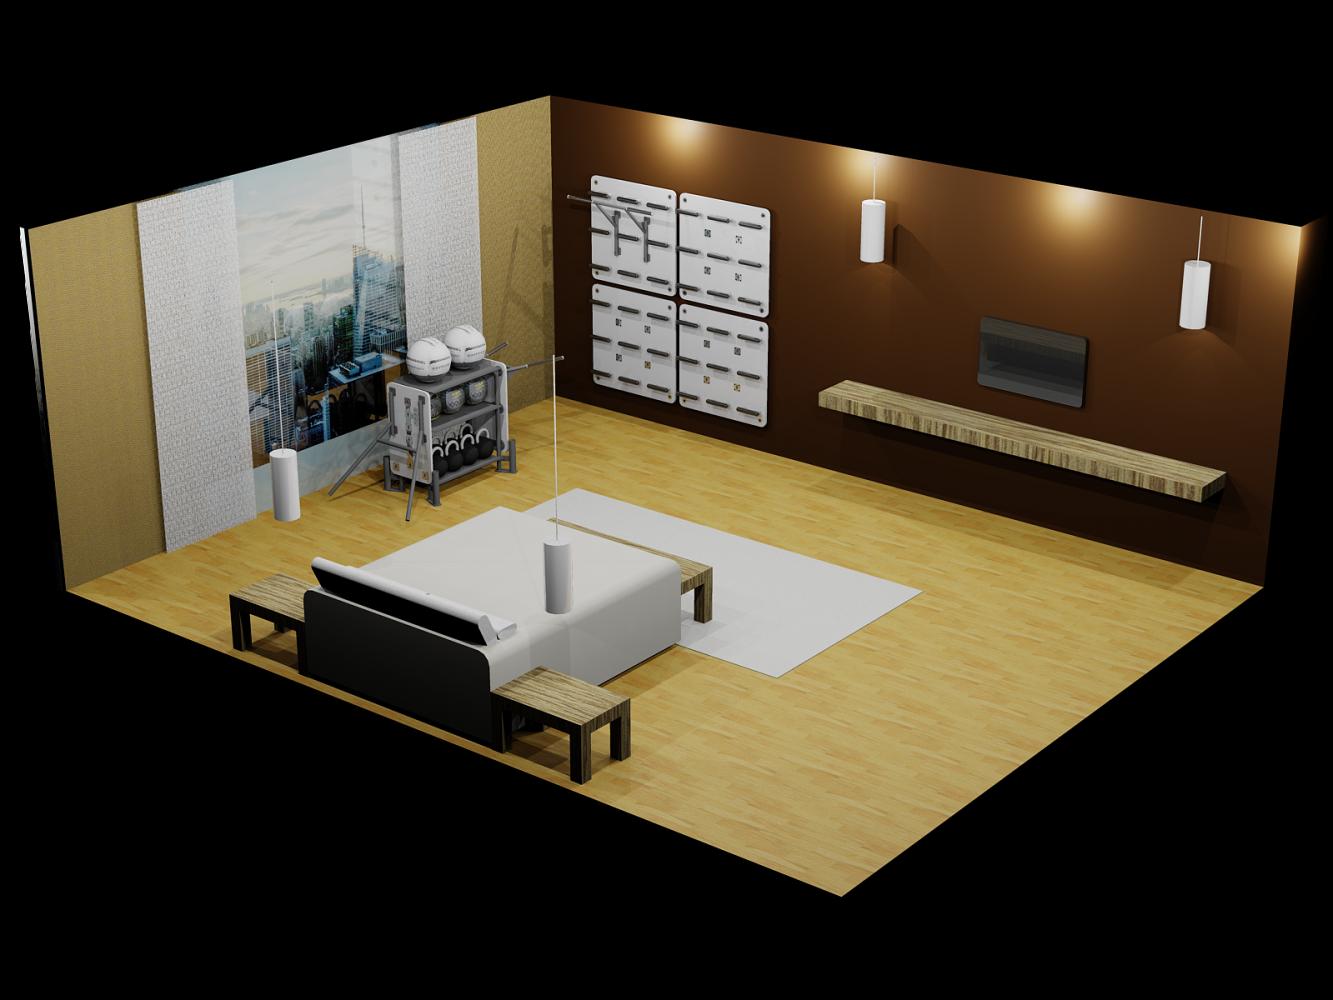 6 m² area